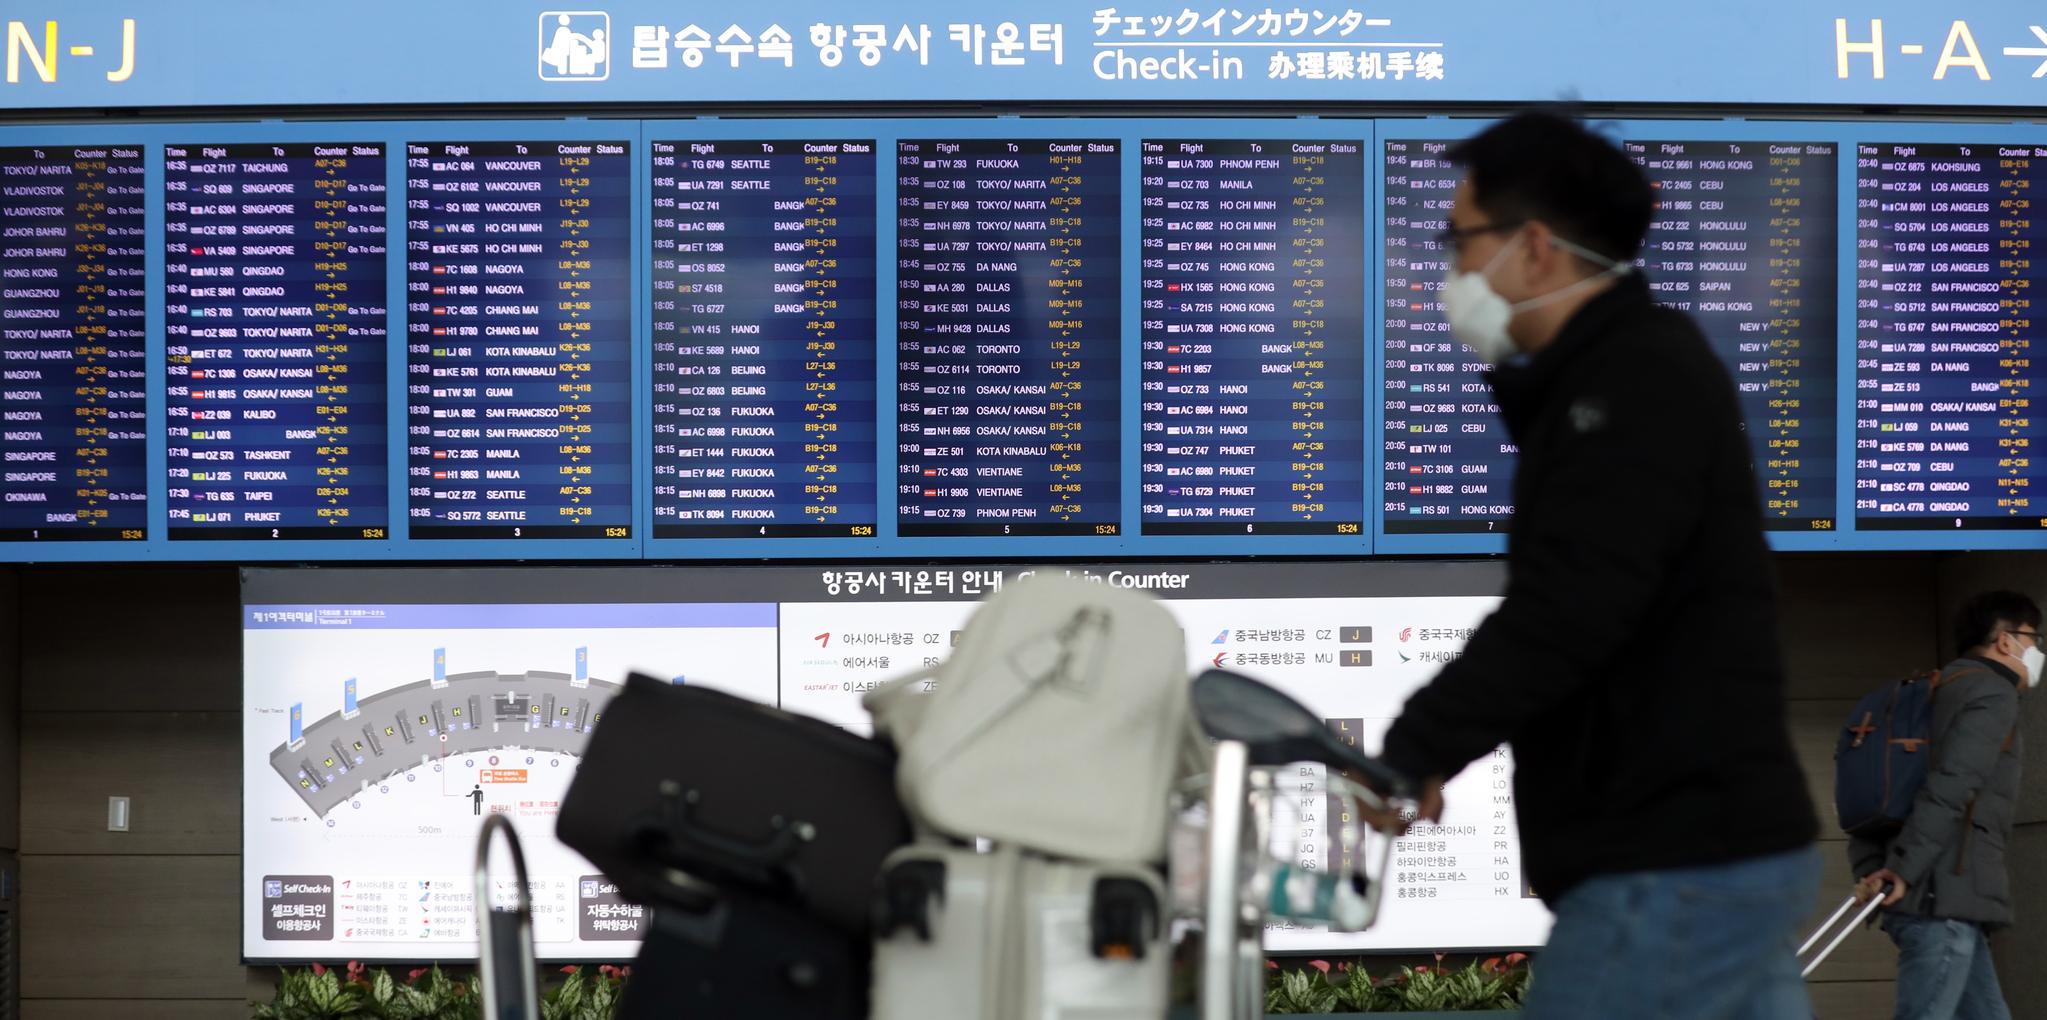 국내 신종 코로나바이러스 감염증(코로나19) 확진자가 늘면서 한국에서 들어오는 외국인을 막거나 입국 절차를 강화하는 국가가 늘고 있다. 사진은 24일 인천공항 출국장의 모습. [뉴스1]